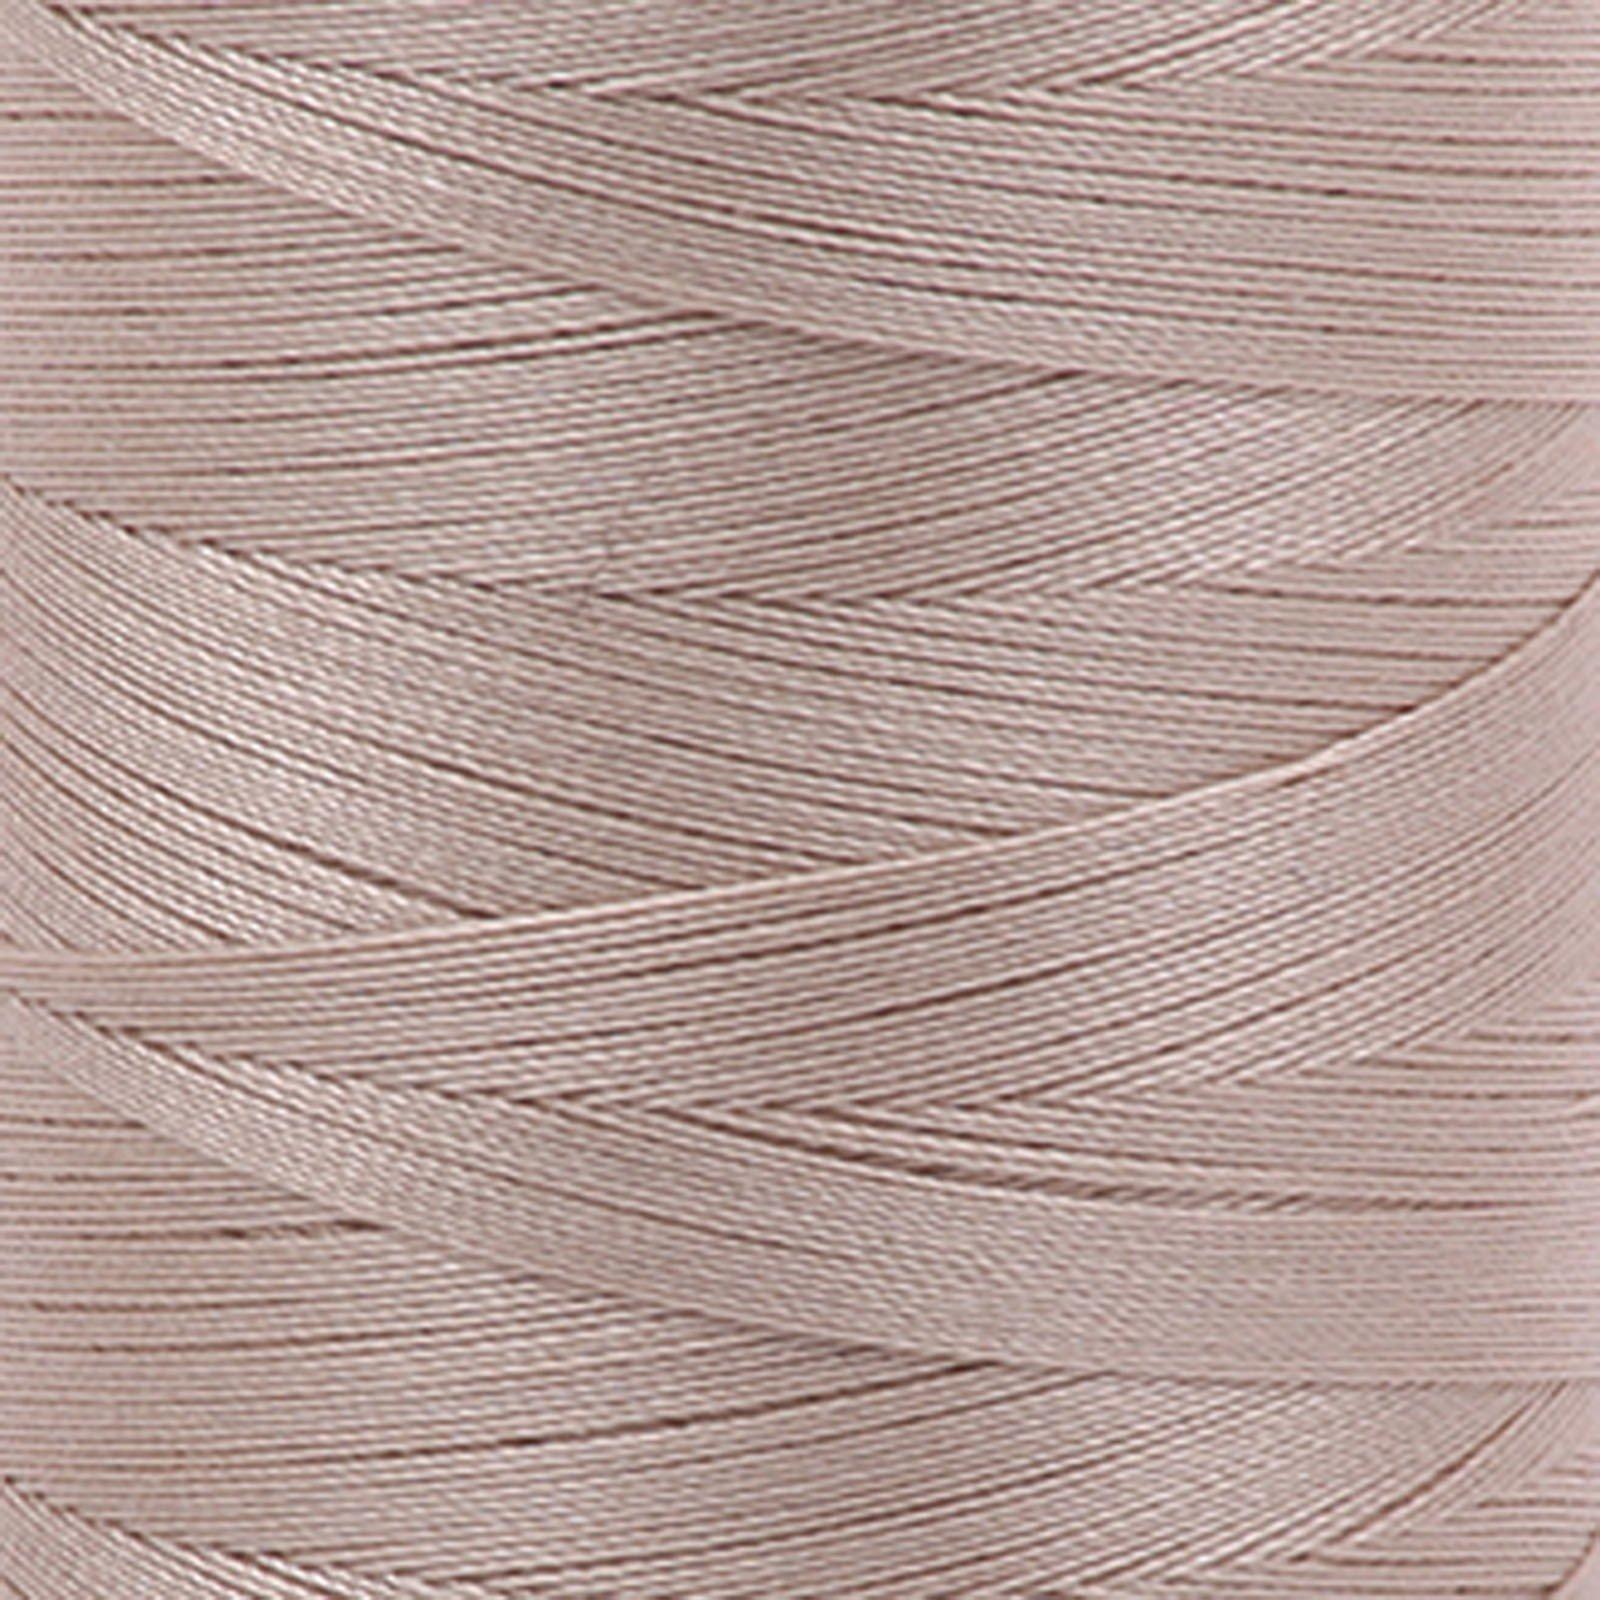 Aurifil Cotton 2312 50wt 220 yds